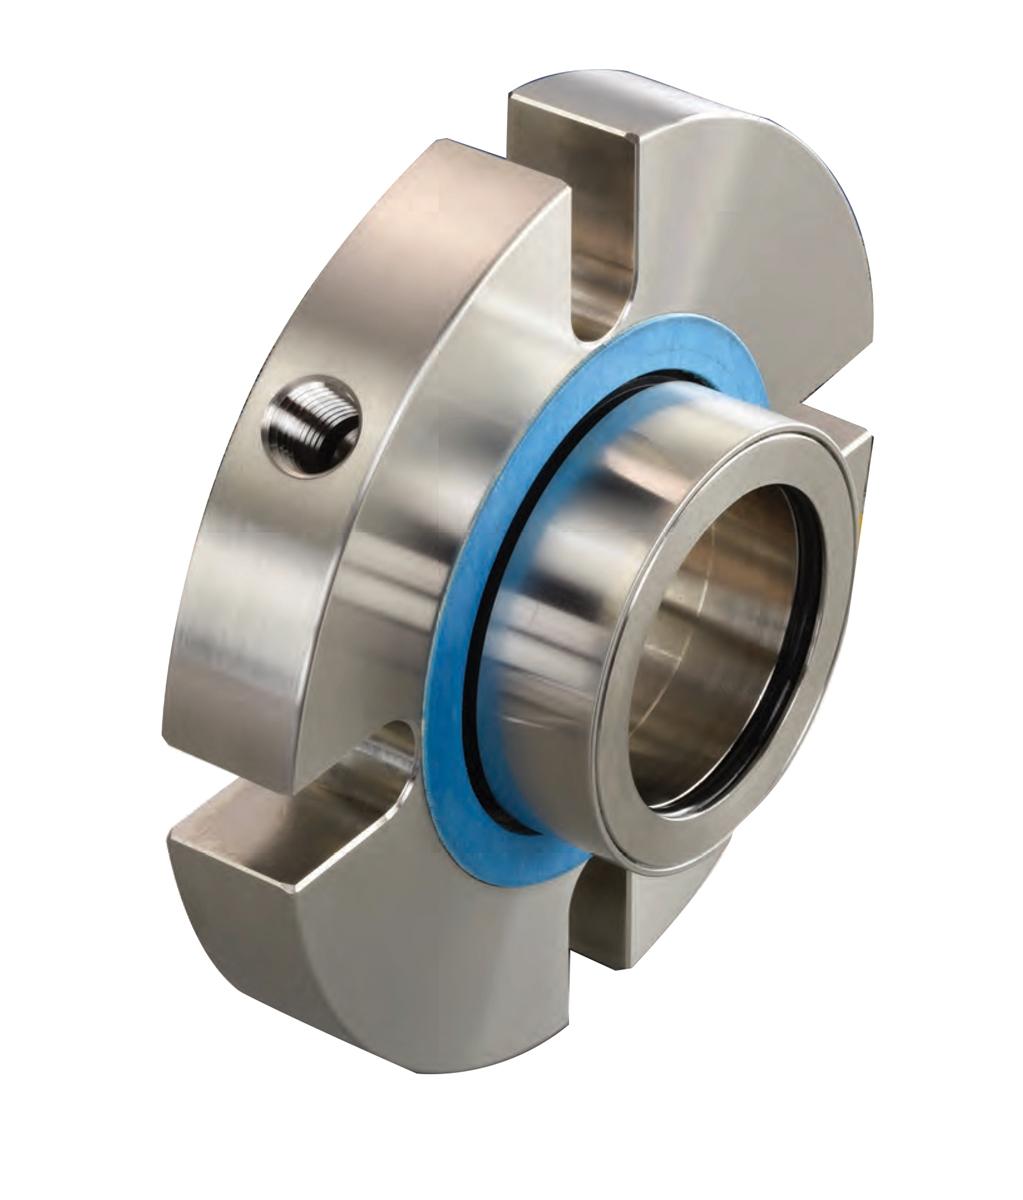 Fluid Sealing International - Series 1015 - Mechanical Seal - 1 125